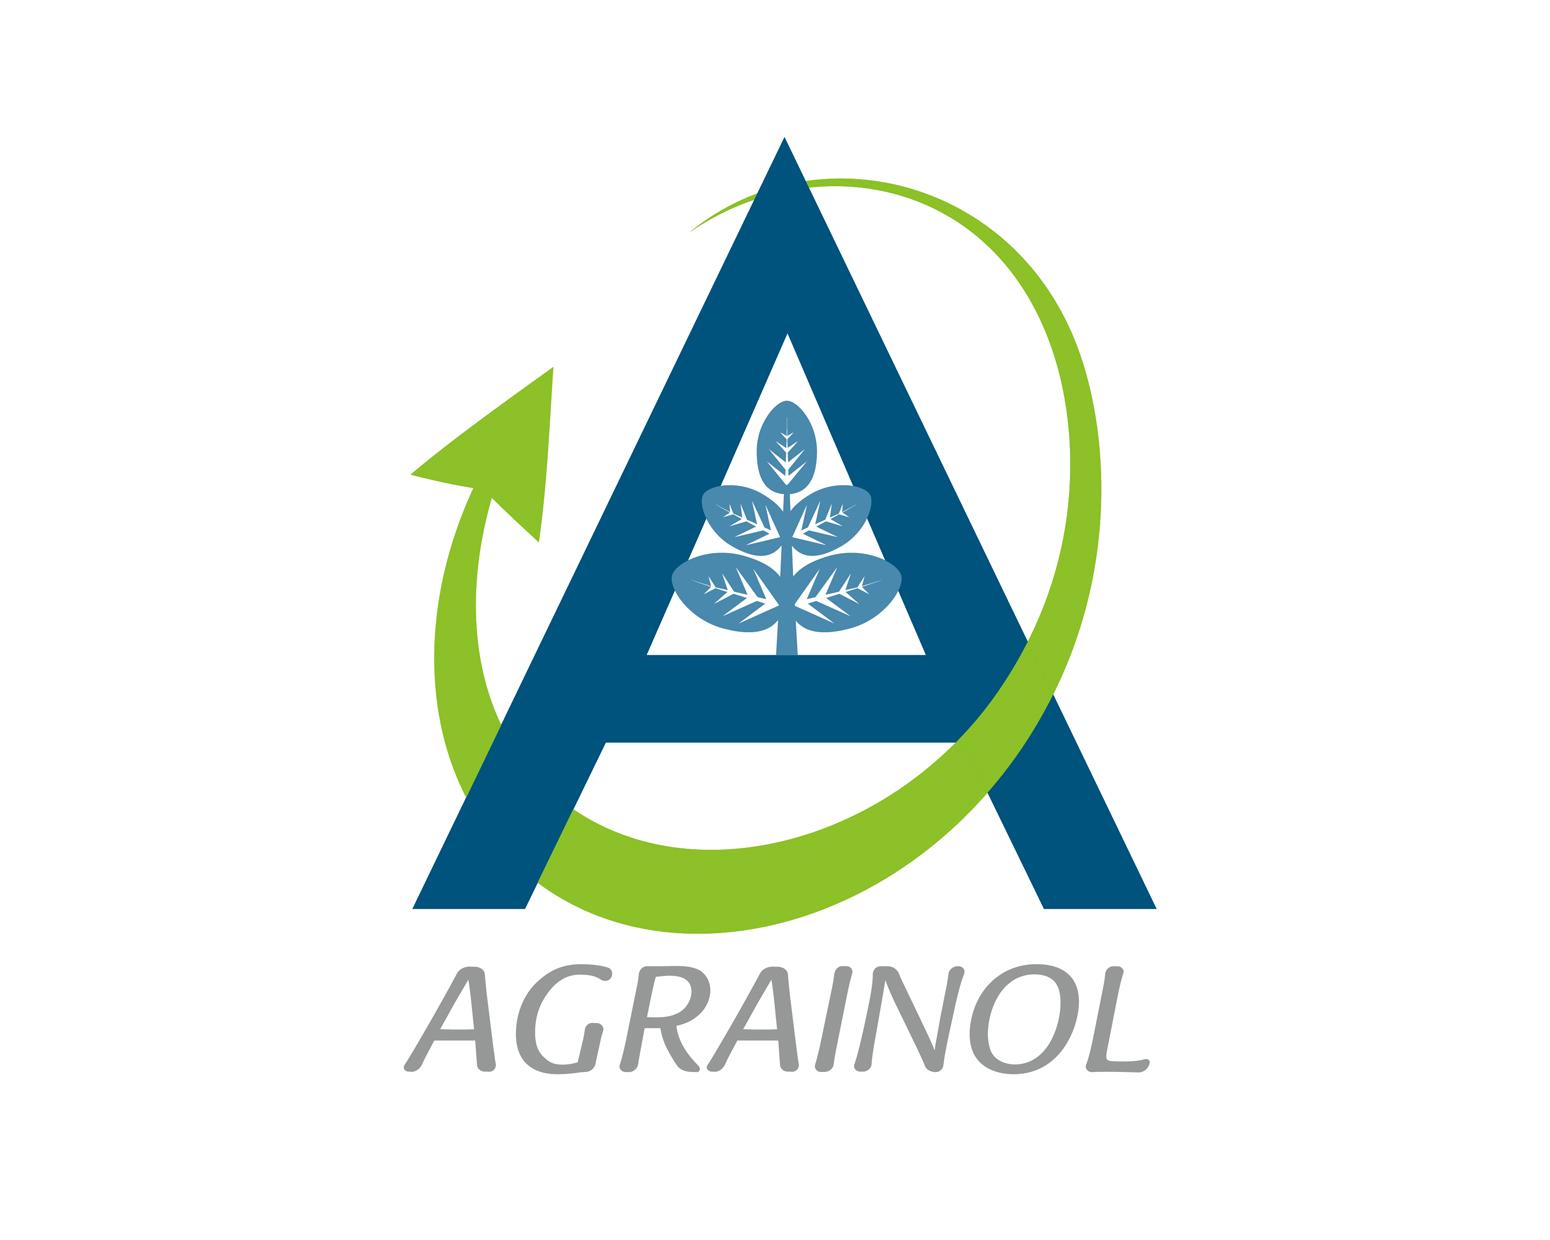 Agrainol Eco-Fuels